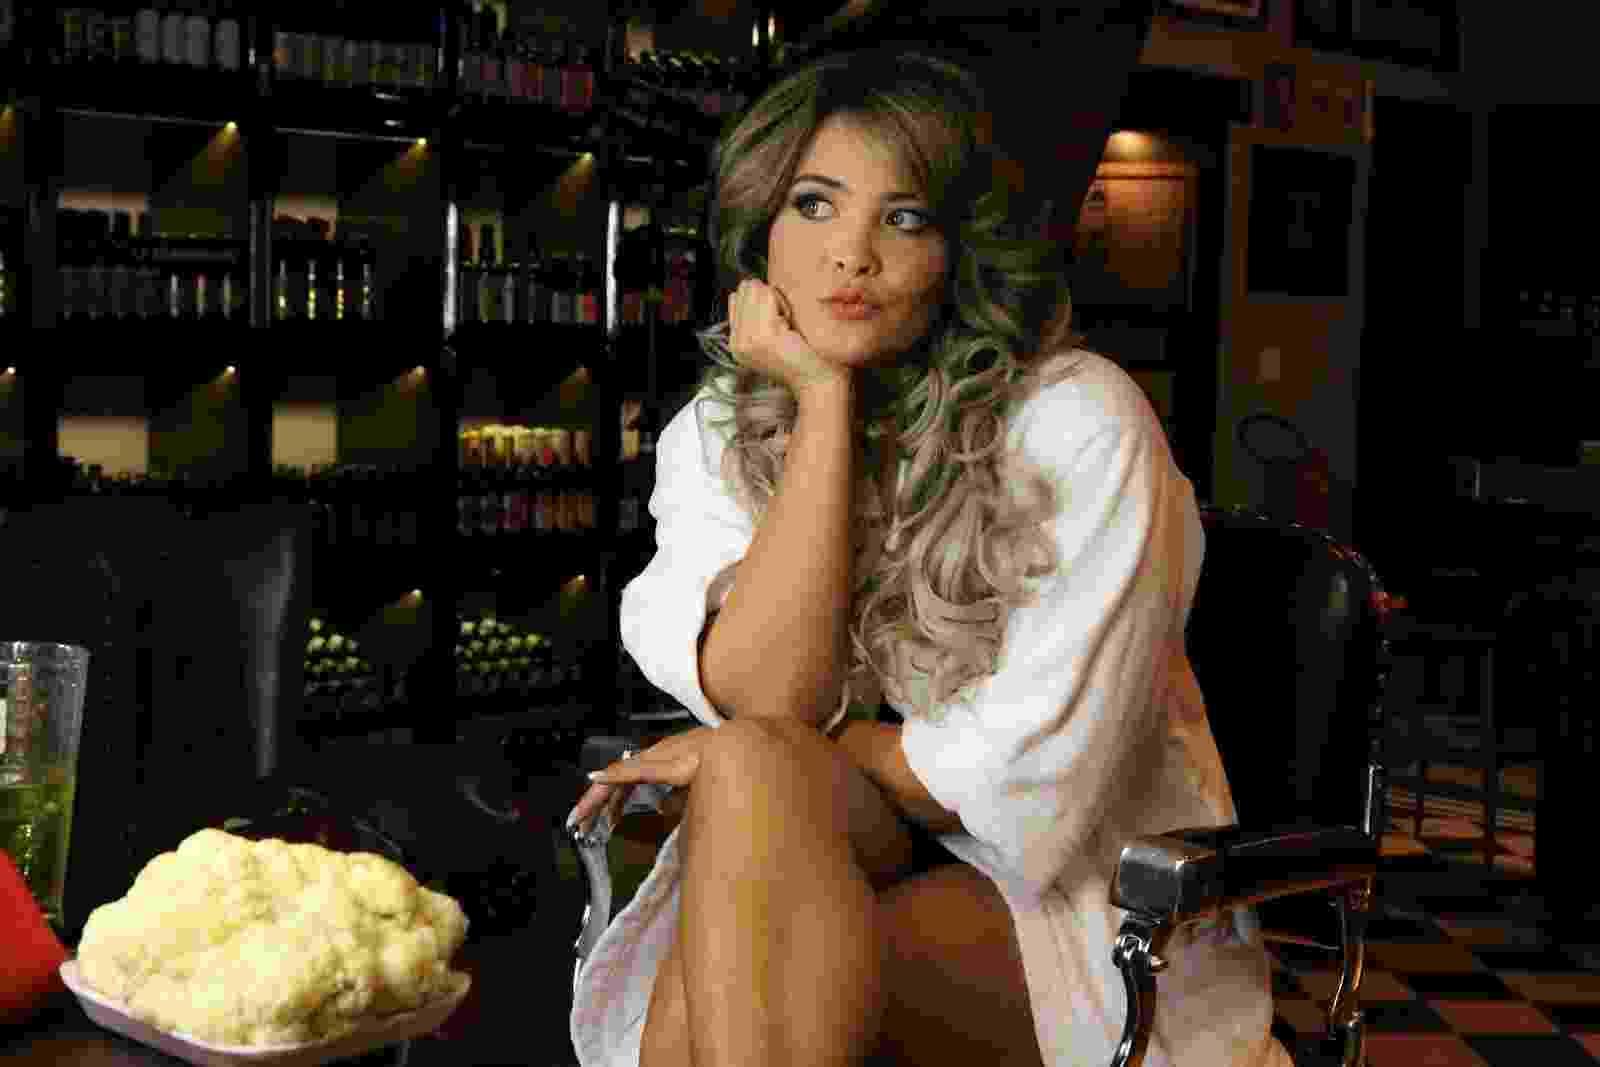 """3.mar.2016 - Geisy Arruda posa com uma couve-flor em alusão a sua cirurgia íntima feita em 2012 cujo objetivo era corrigir a chamada """"hipertrofia dos pequenos lábios vaginais"""". Na época, a ex-A Fazenda disse que sua vagina parecia uma """"couve-flor"""" e por isso optou pela cirurgia - Thais Aline / Ag Fio Condutor"""